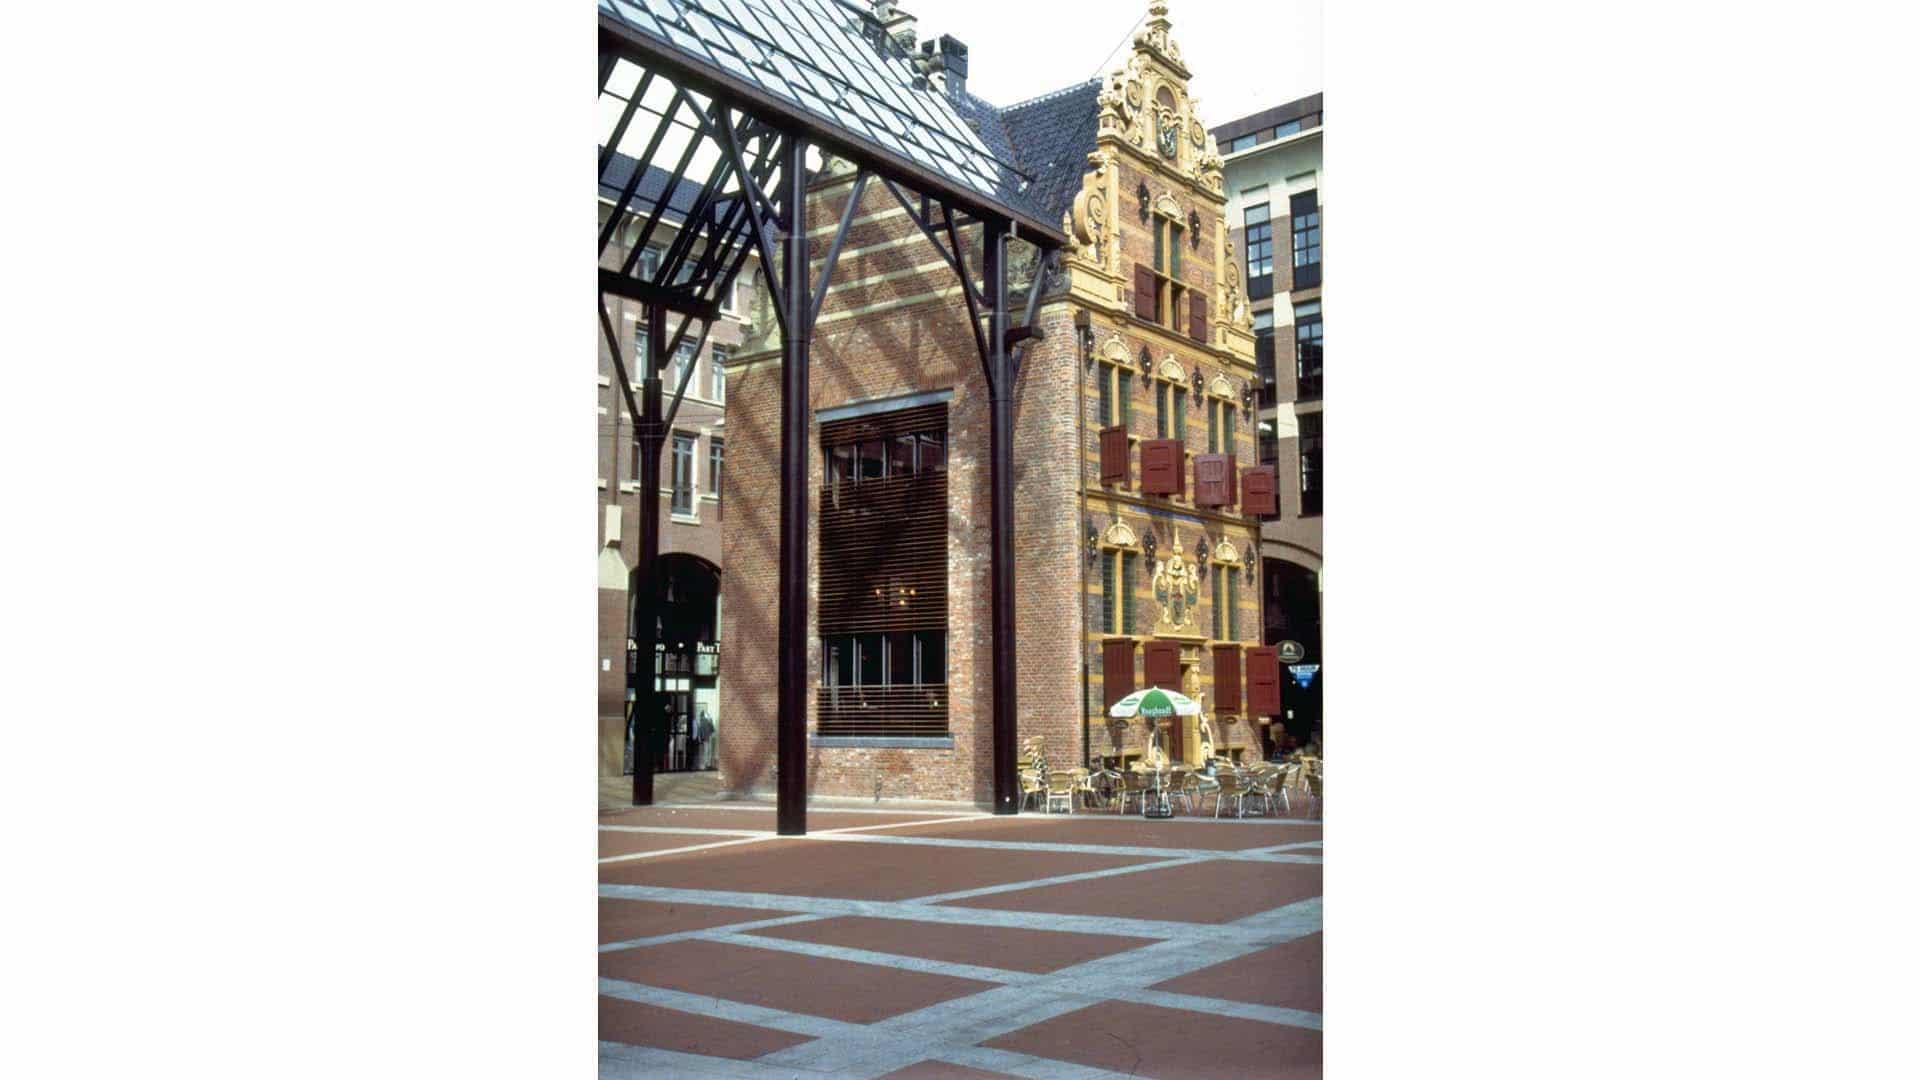 9207_Waagstraatcomplex Groningen_02